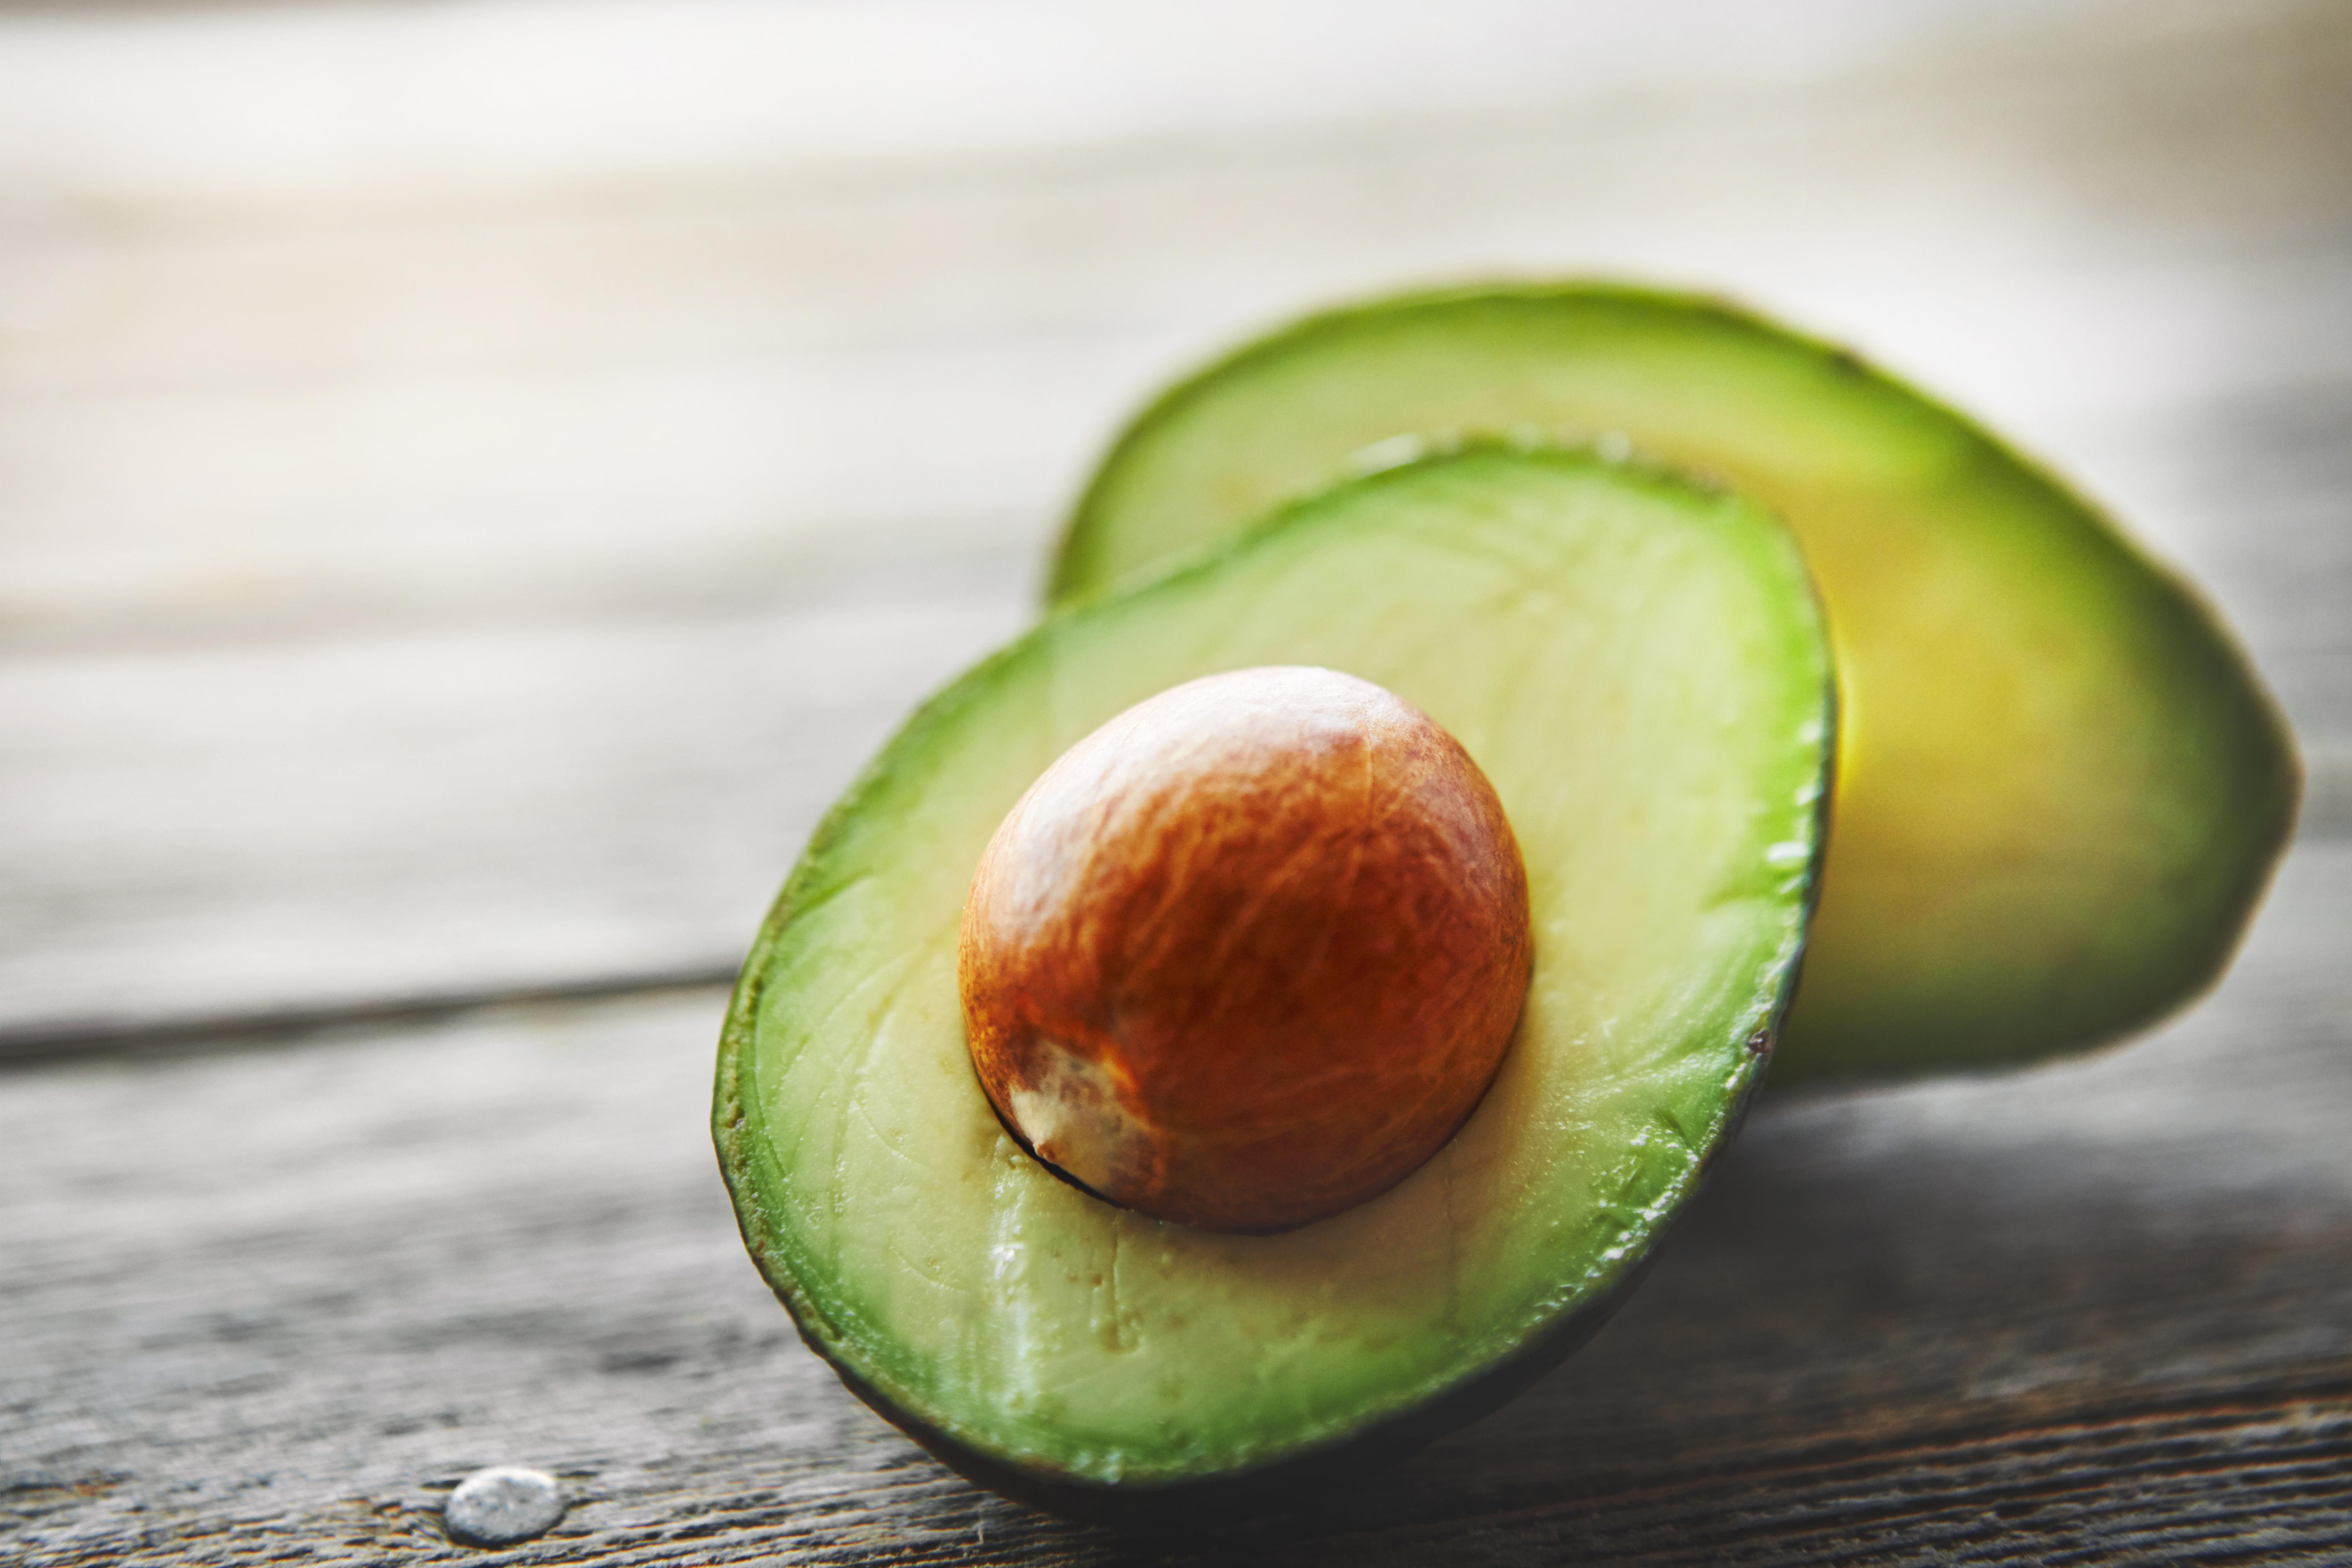 <p><strong>Авокадо</strong></p>  <p>Авокадто е пълно с полезни мазнини, т. нар. мононенаситени мазнини. Те помагат да се предотвратят резките скокове на кръвната захар, когато авокадото се включи в диета с балансирано хранене.</p>